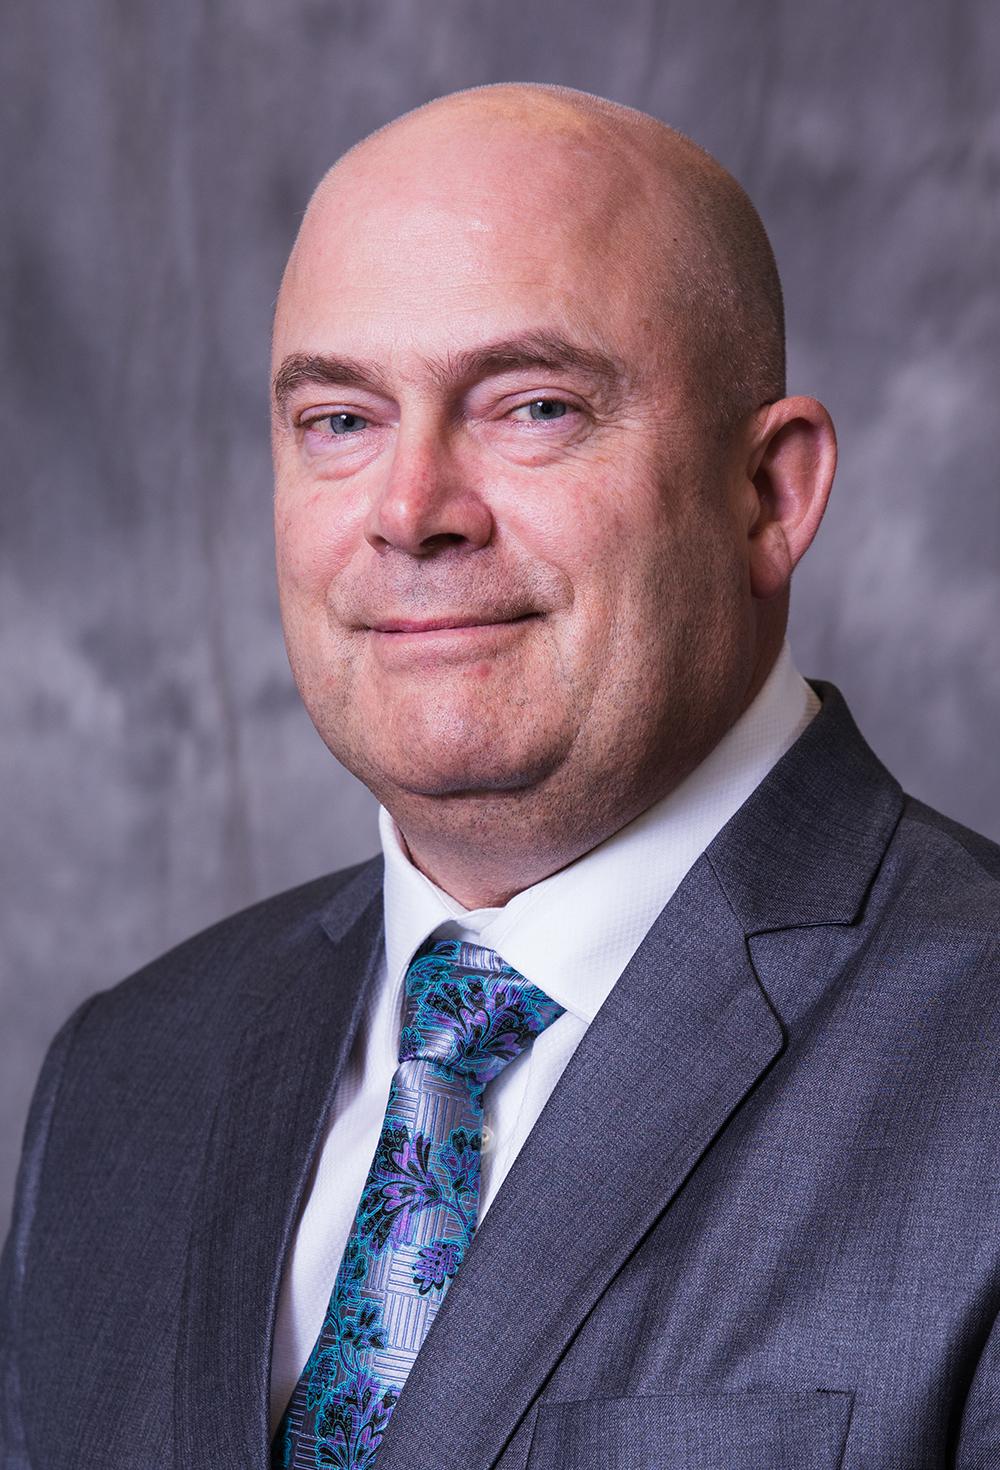 Robert Davis Headshot